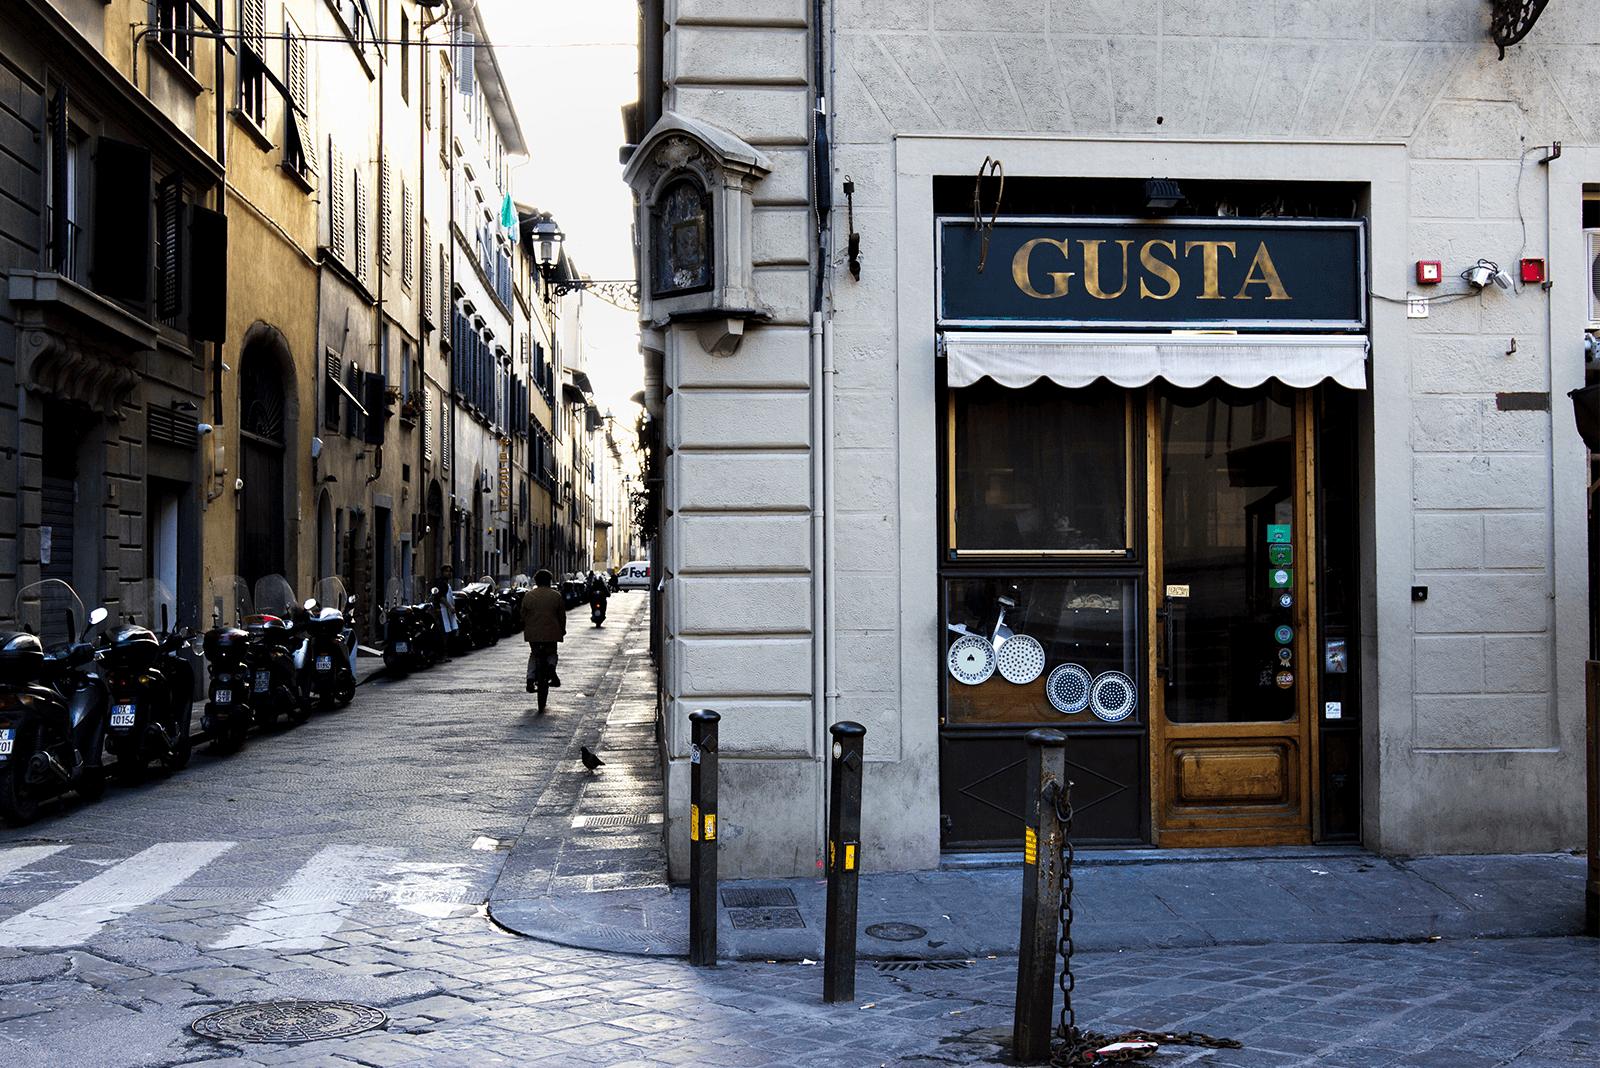 eten-in-florence. Staat er een citytrip naar de Italiaanse stad Florence in je agenda? Dit zijn de leukste eetspots in Florence die je niet wilt missen tijdens deze trip! Op zoek naar een bijzondere wijnbar or lunchplek? Deze hebben we ook voor je opgezocht!